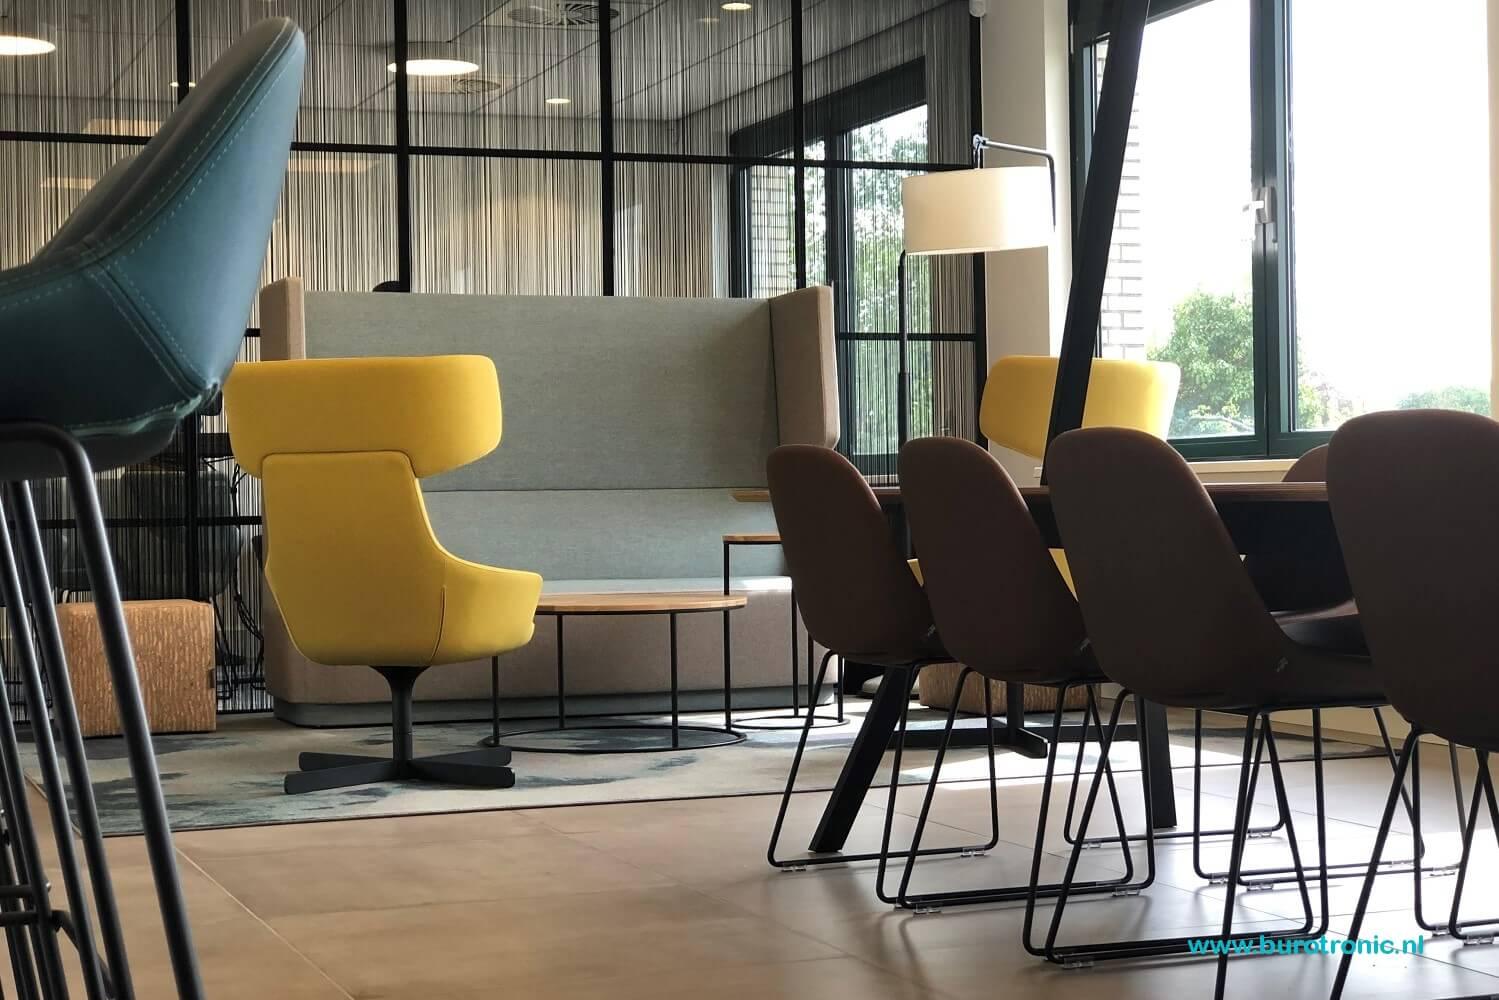 kantoormeubilair-lounge huislijn-artifort